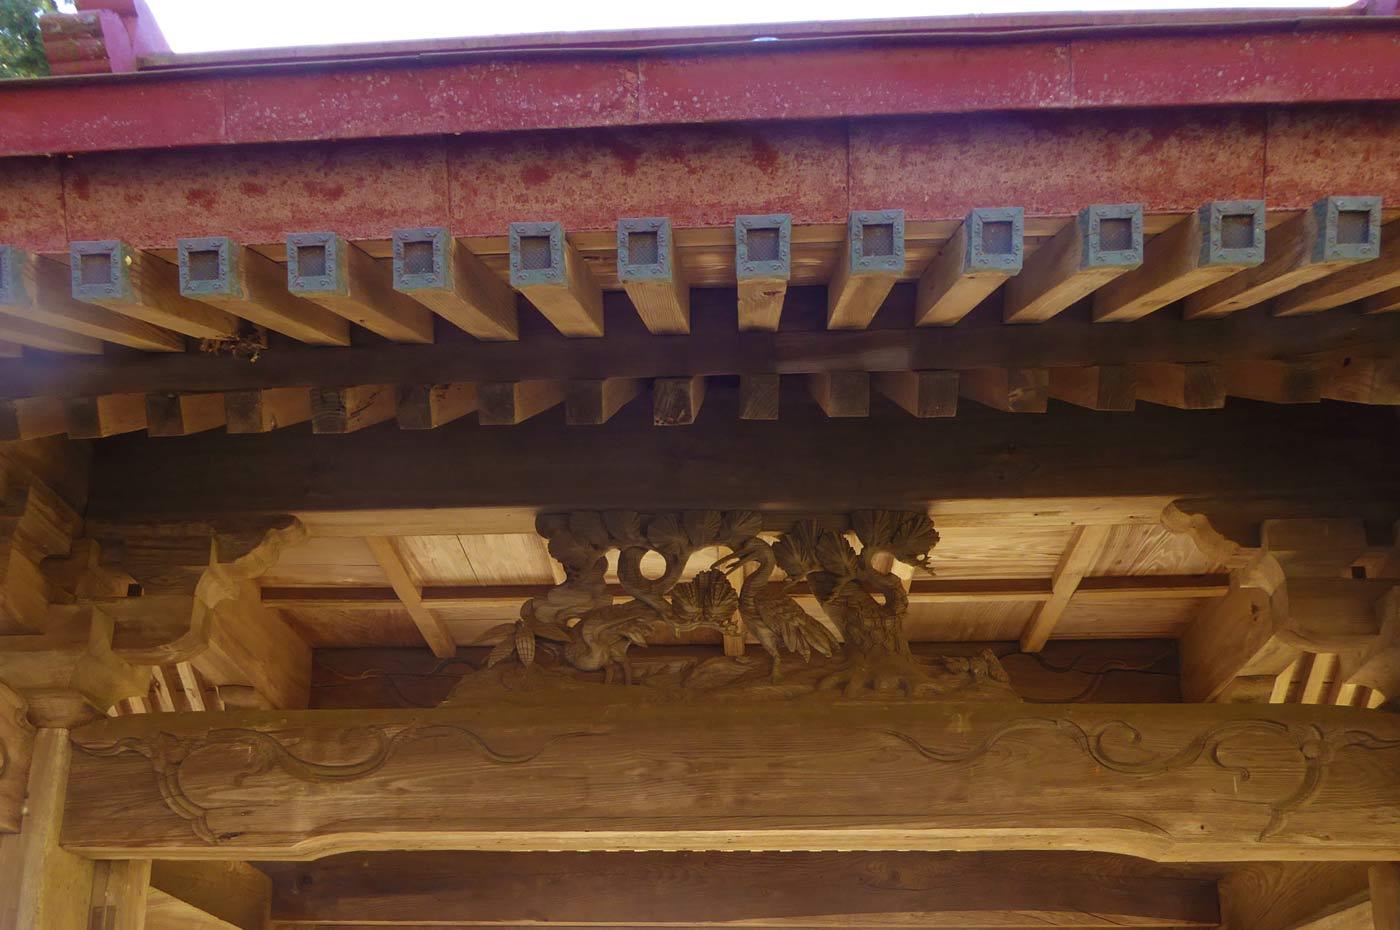 後藤義光の彫刻の写真